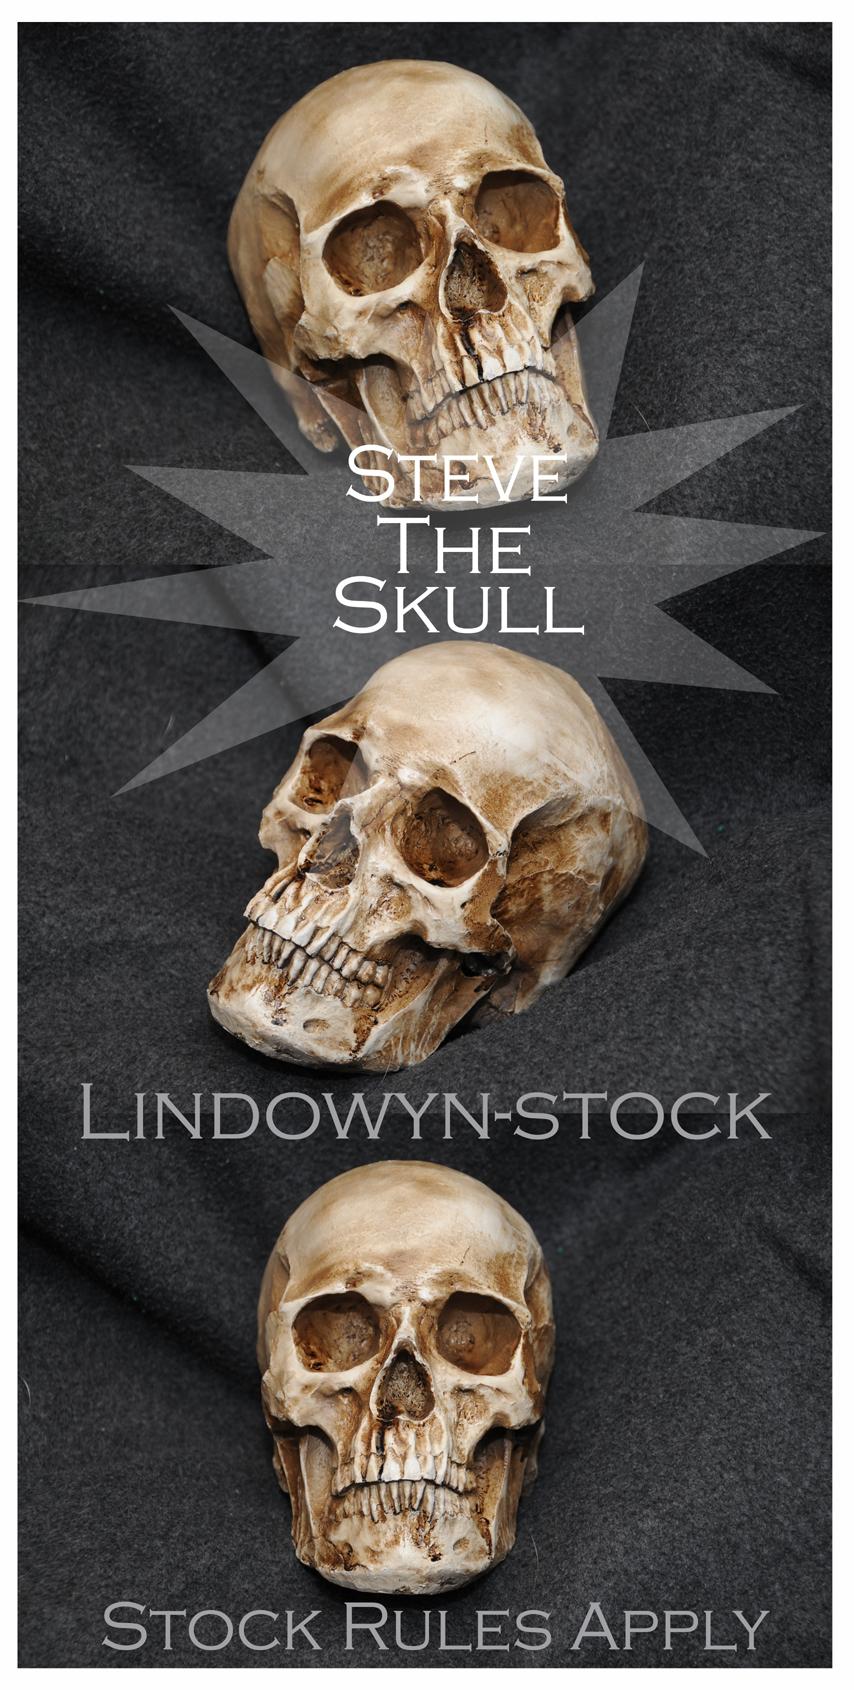 Steve the Skull Pack